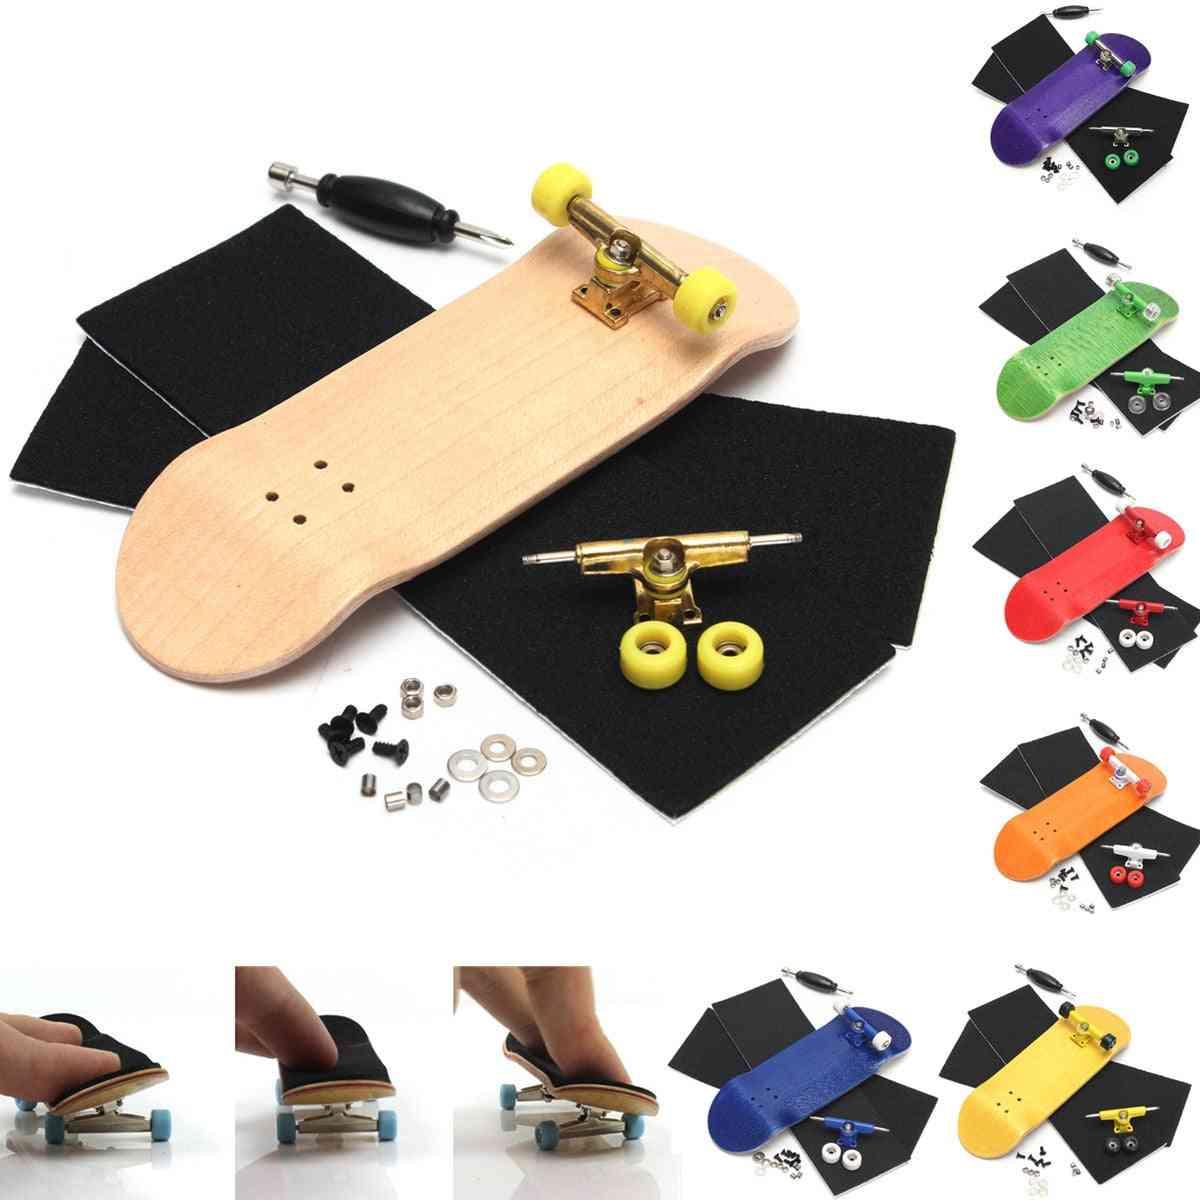 Wooden Professional Finger Skate Board Wood Fingerboars With Bearings Wheel Foam Tape Set